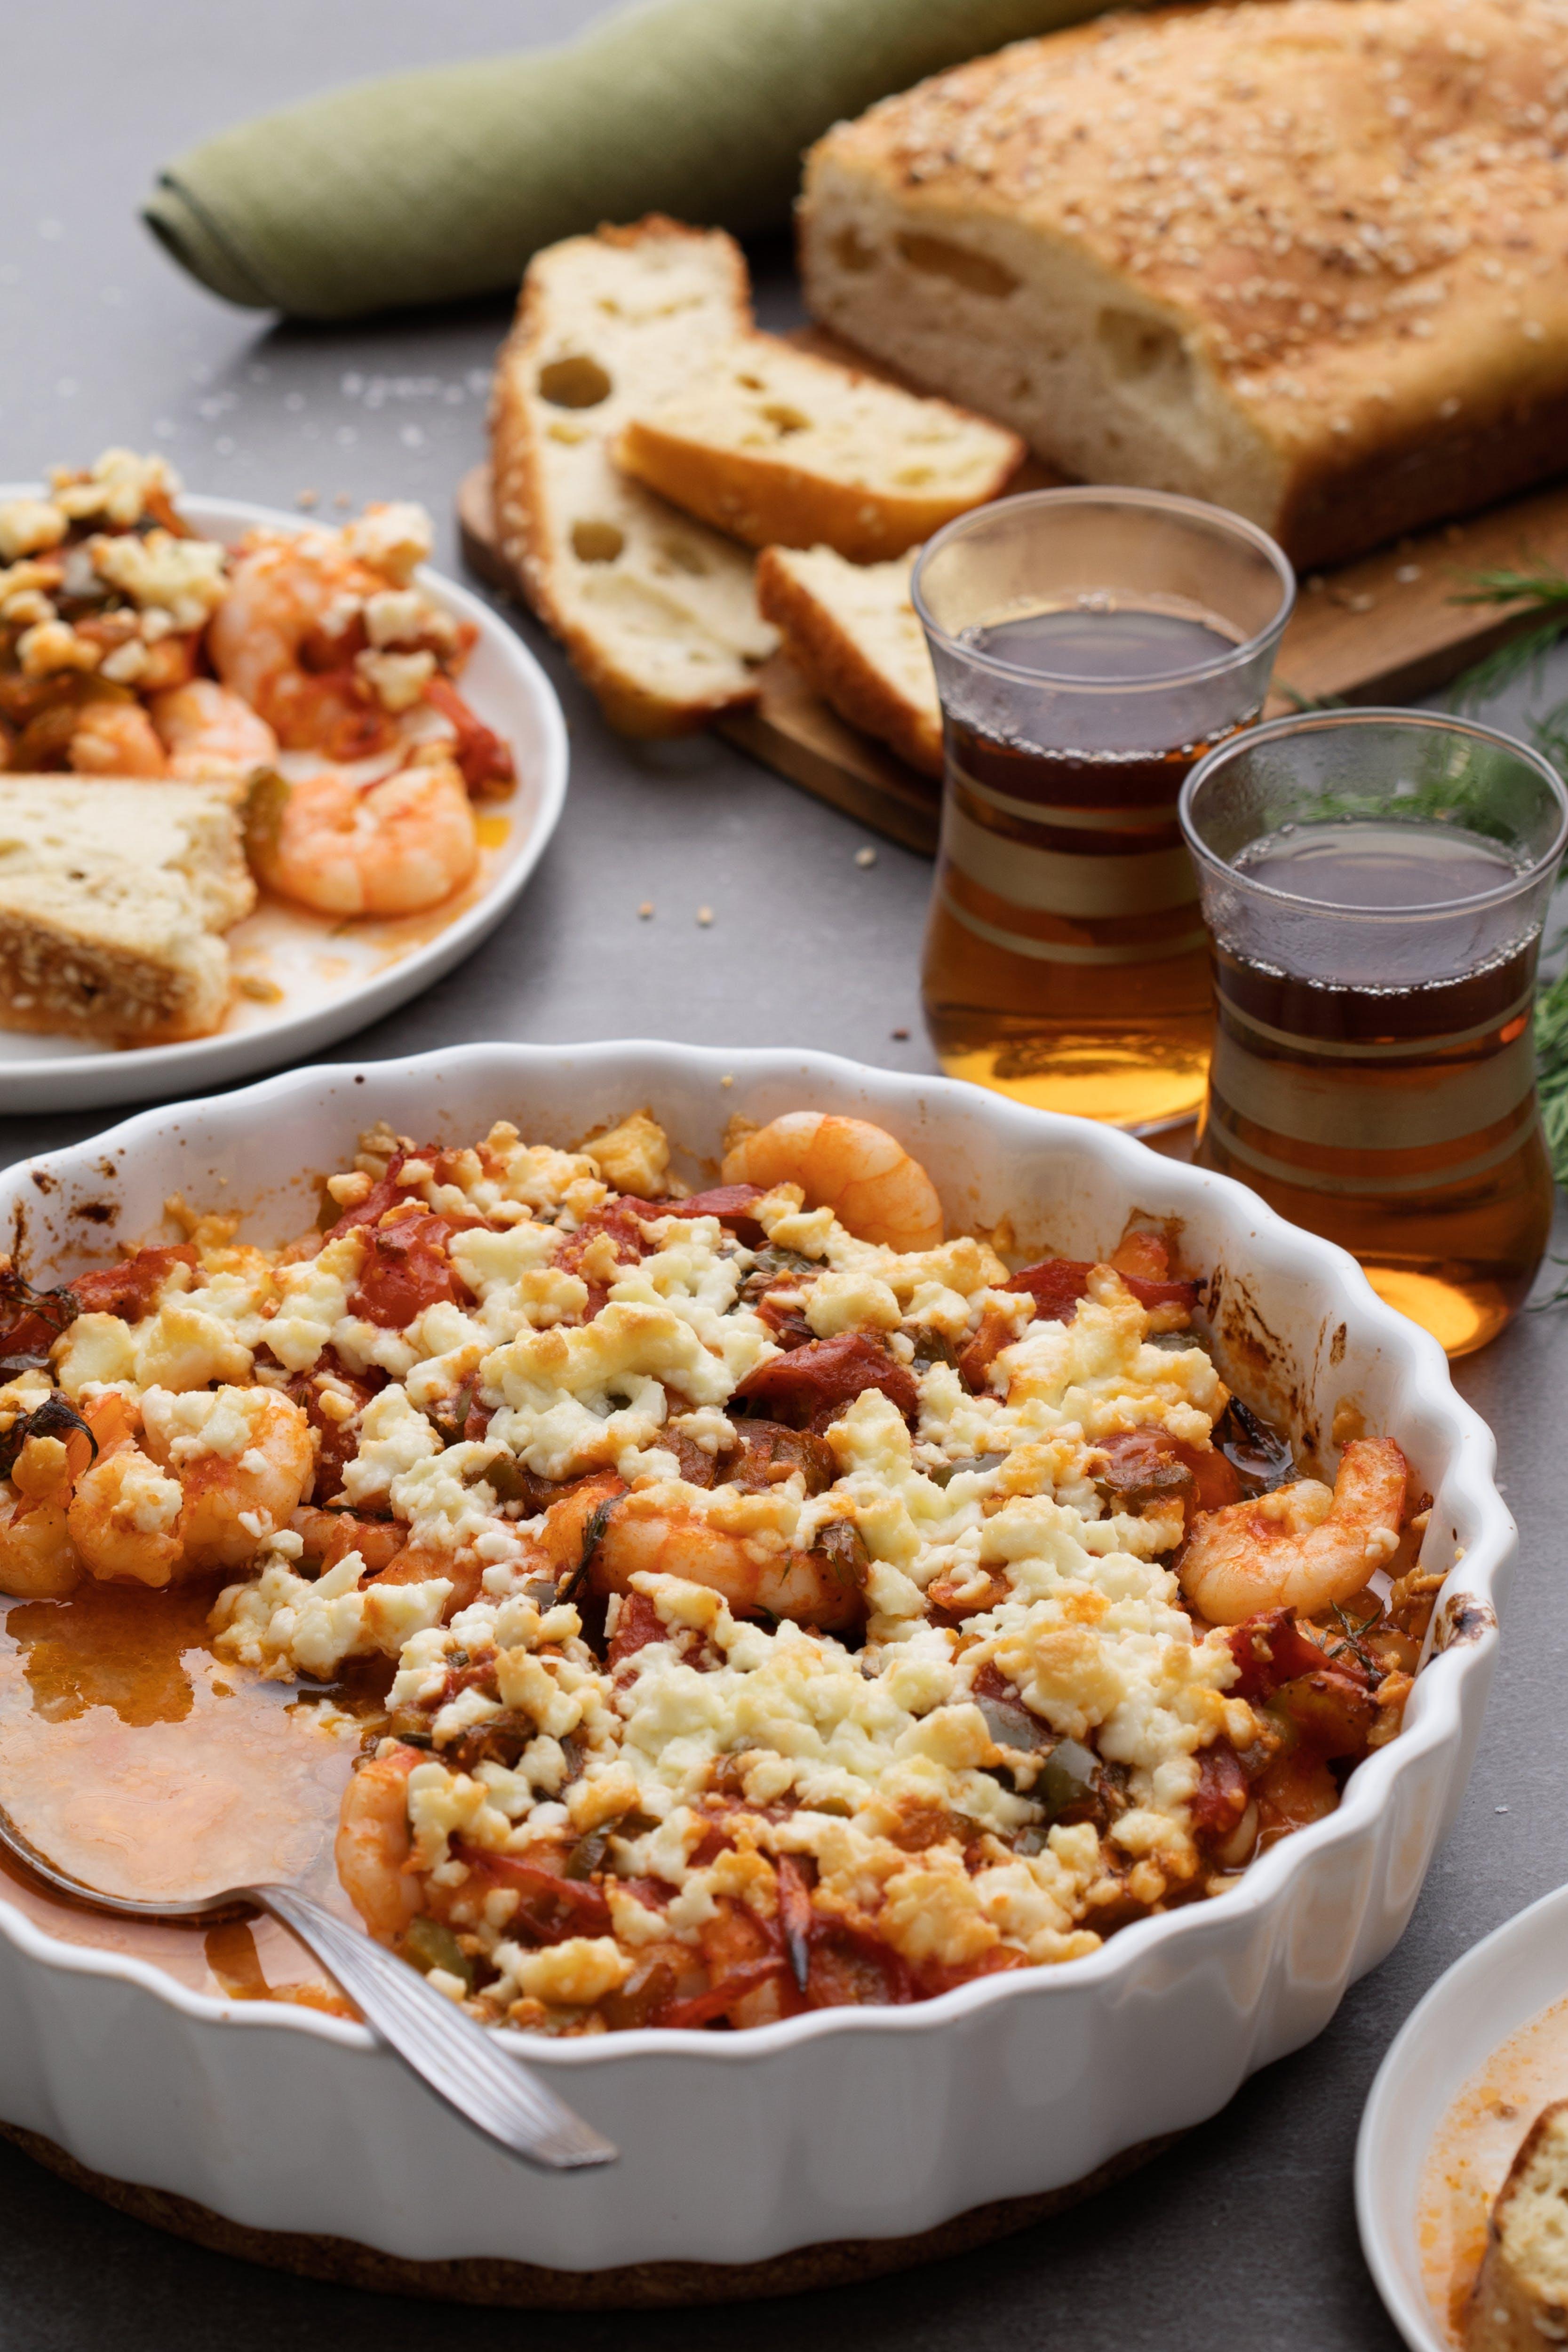 Camarones al horno con pan de sésamo al estilo turco